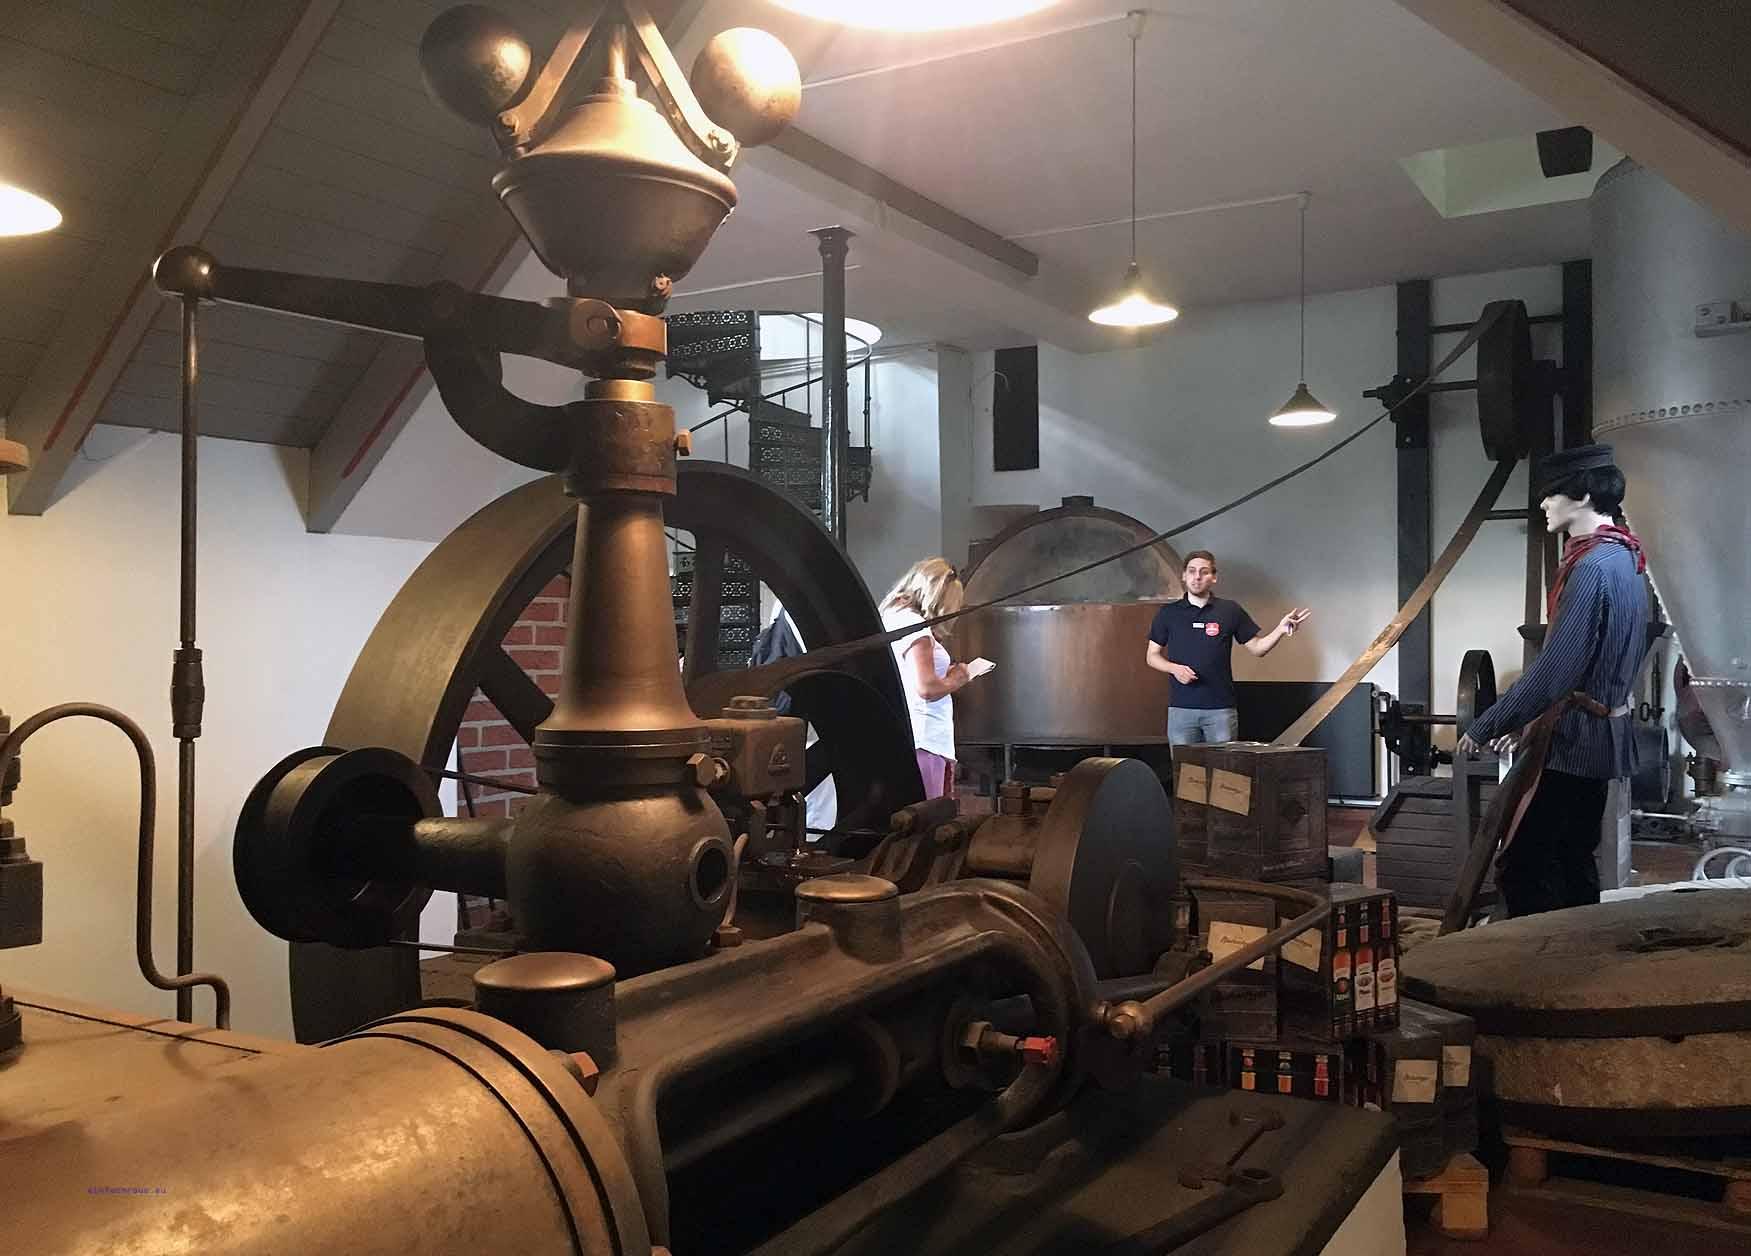 Die Dampfmaschine im Brennereimuseum von Berentzen in Haselünne, Foto: D.Weirauch